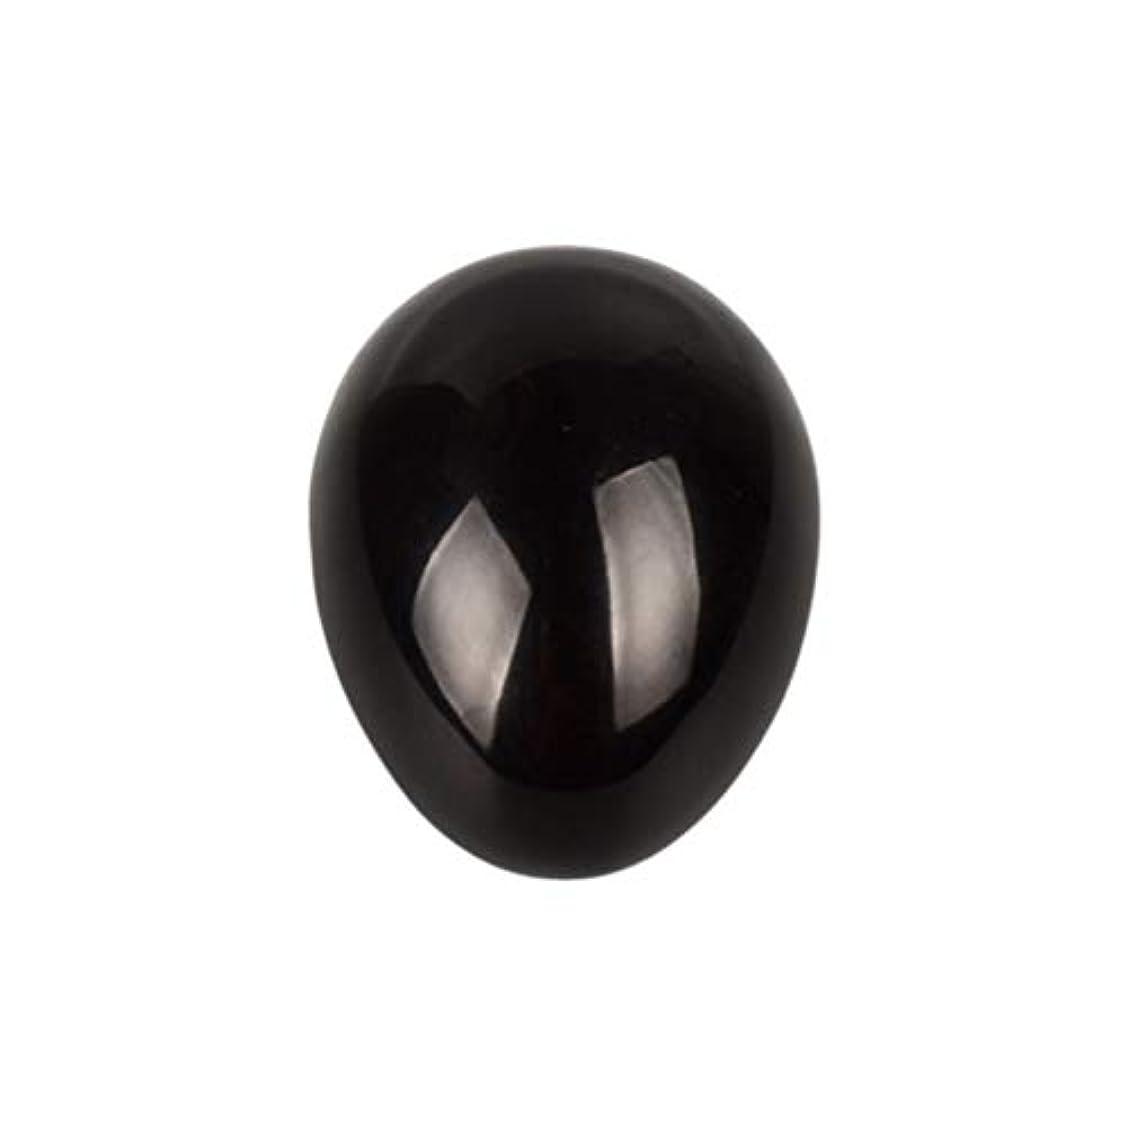 競争安息わかりやすいHEALIFTY 黒曜石の癒し瞑想のための黒曜石の卵球